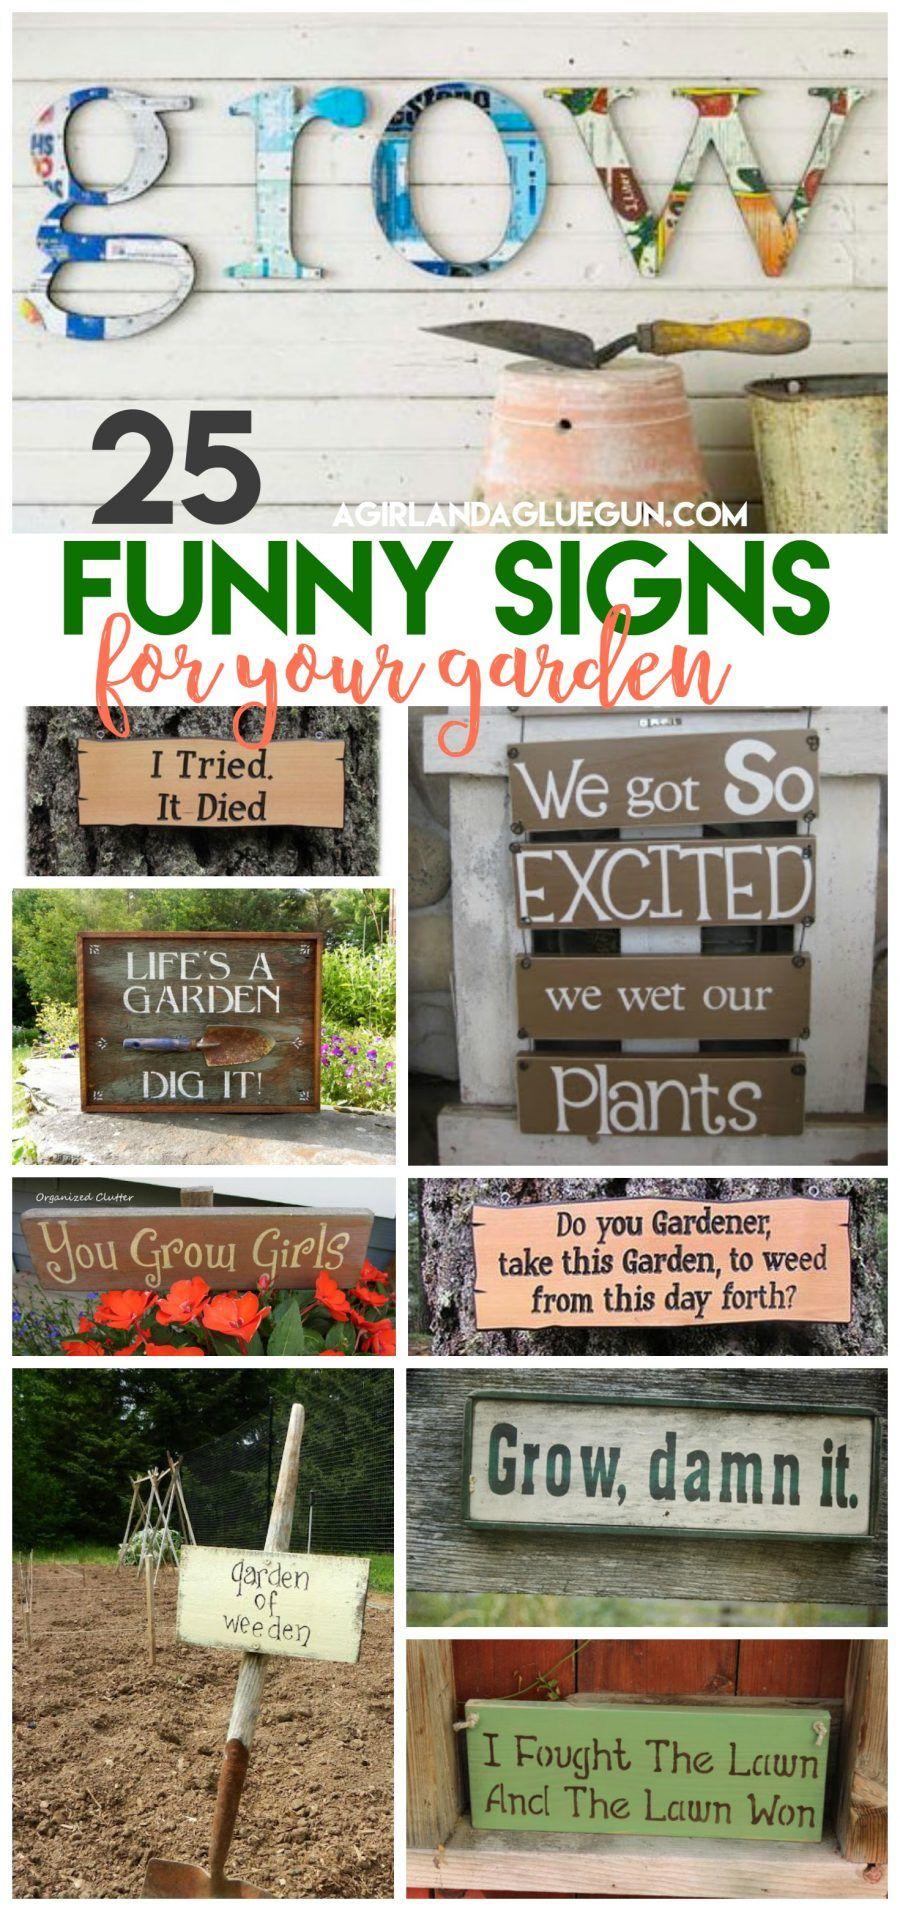 25 super funny Garden signs Funny garden signs, Garden